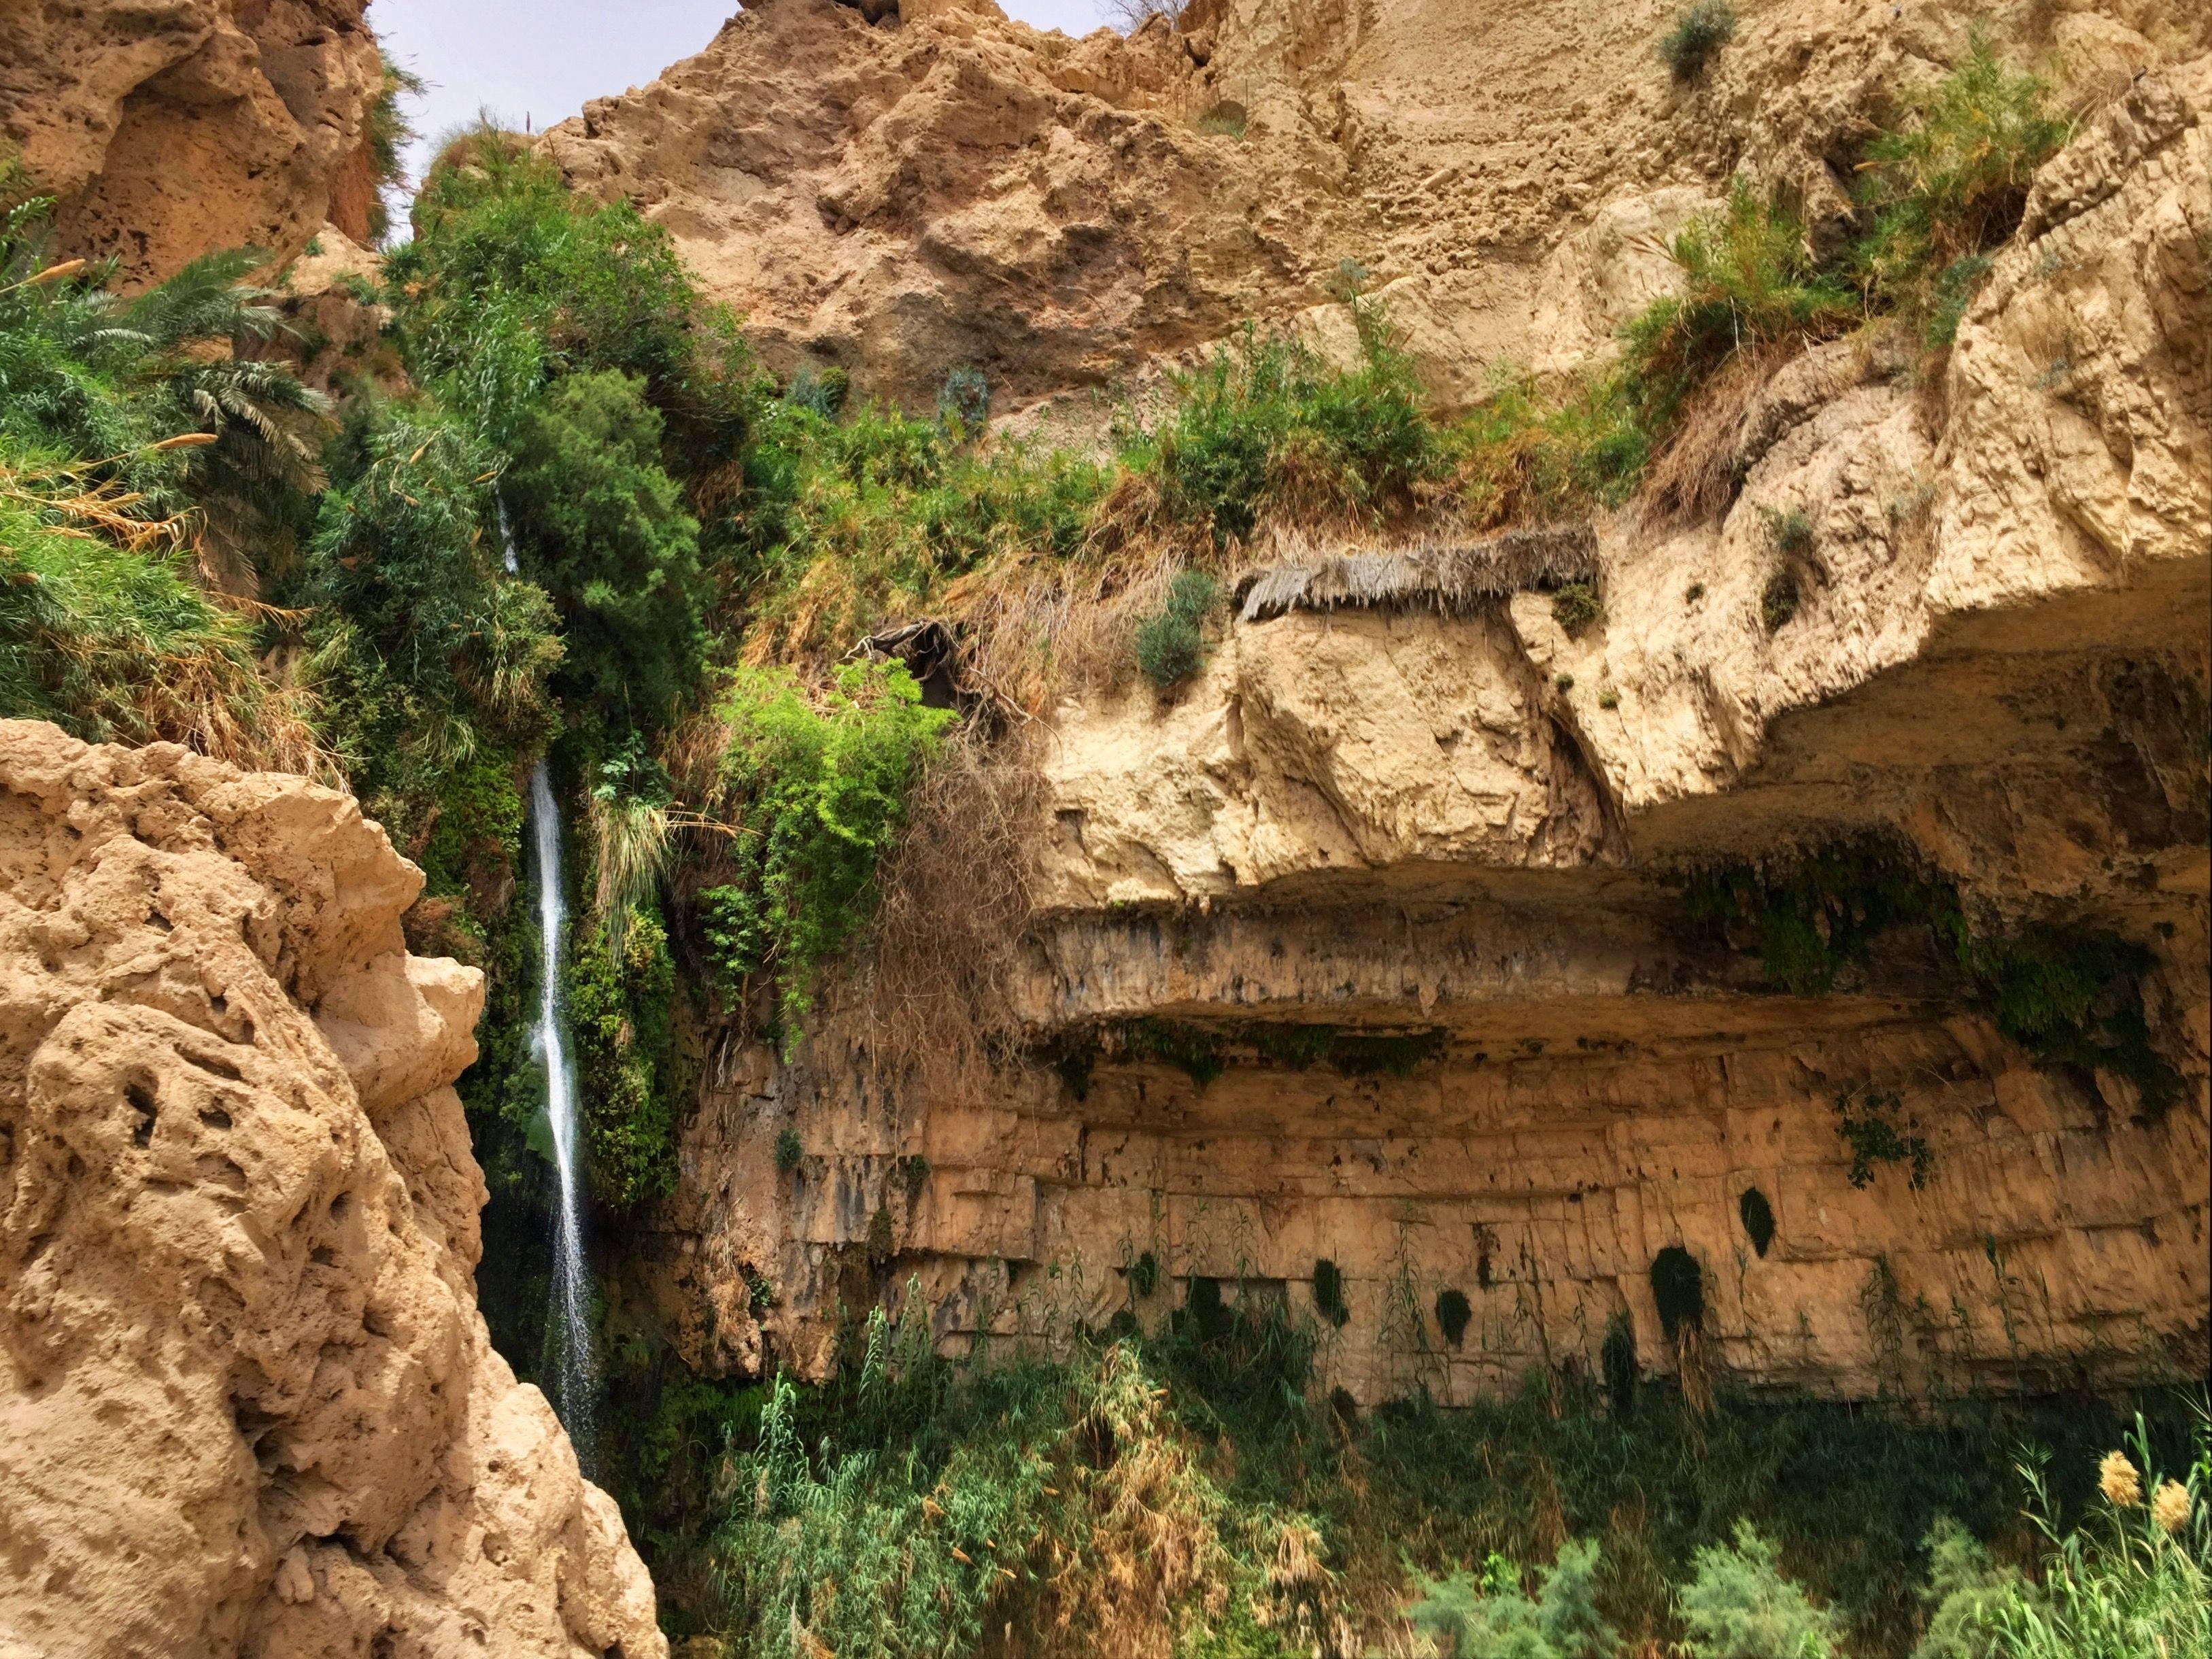 Национальные парки и заповедники израиля - лучший, карта, матмон